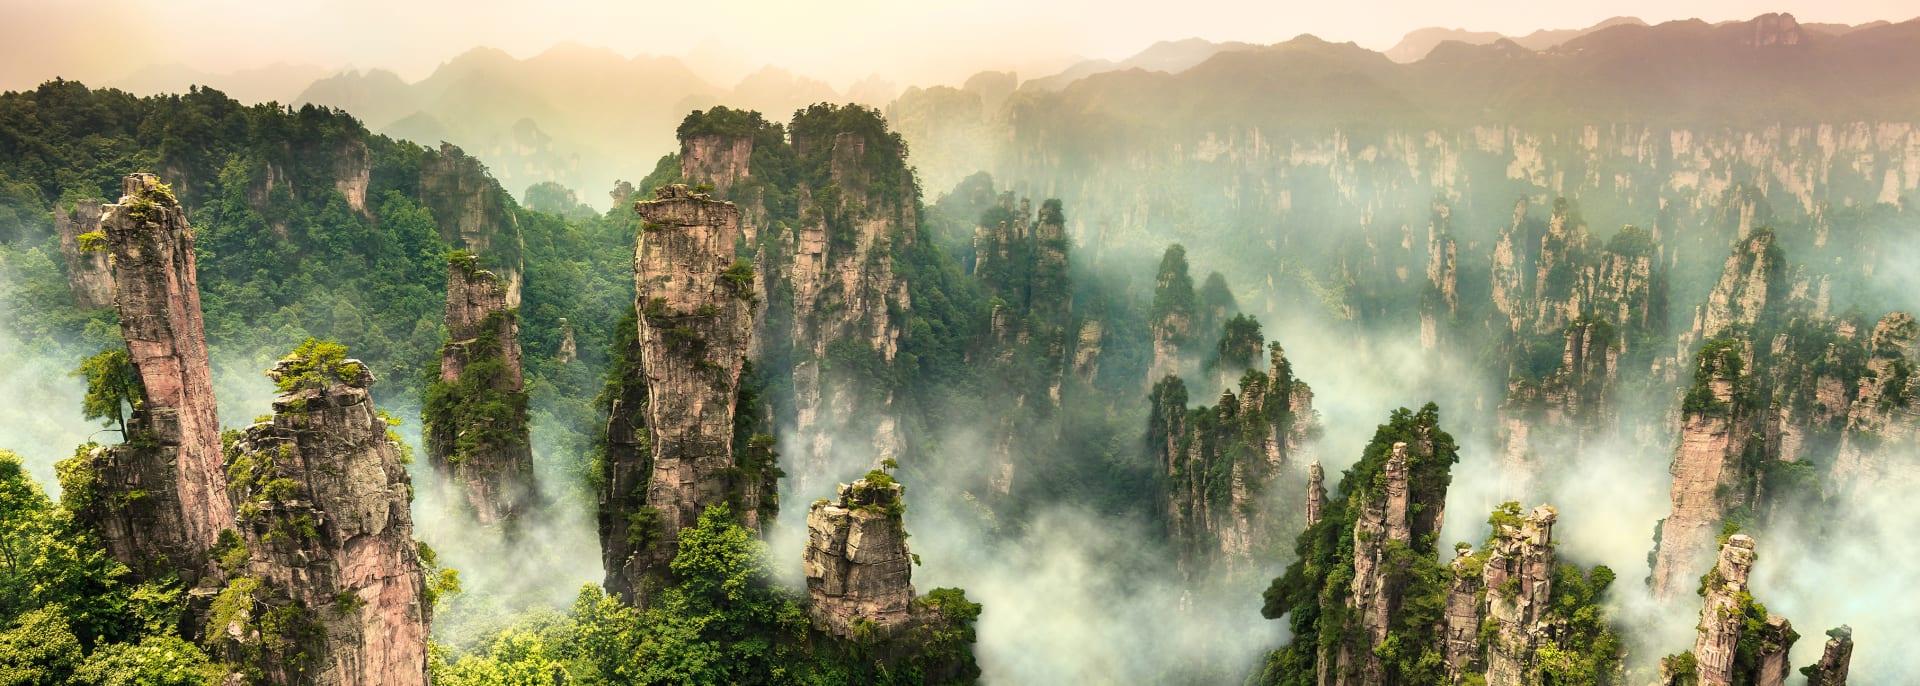 Zhangjiajie-Berg, Wulingyuan Hunan, China